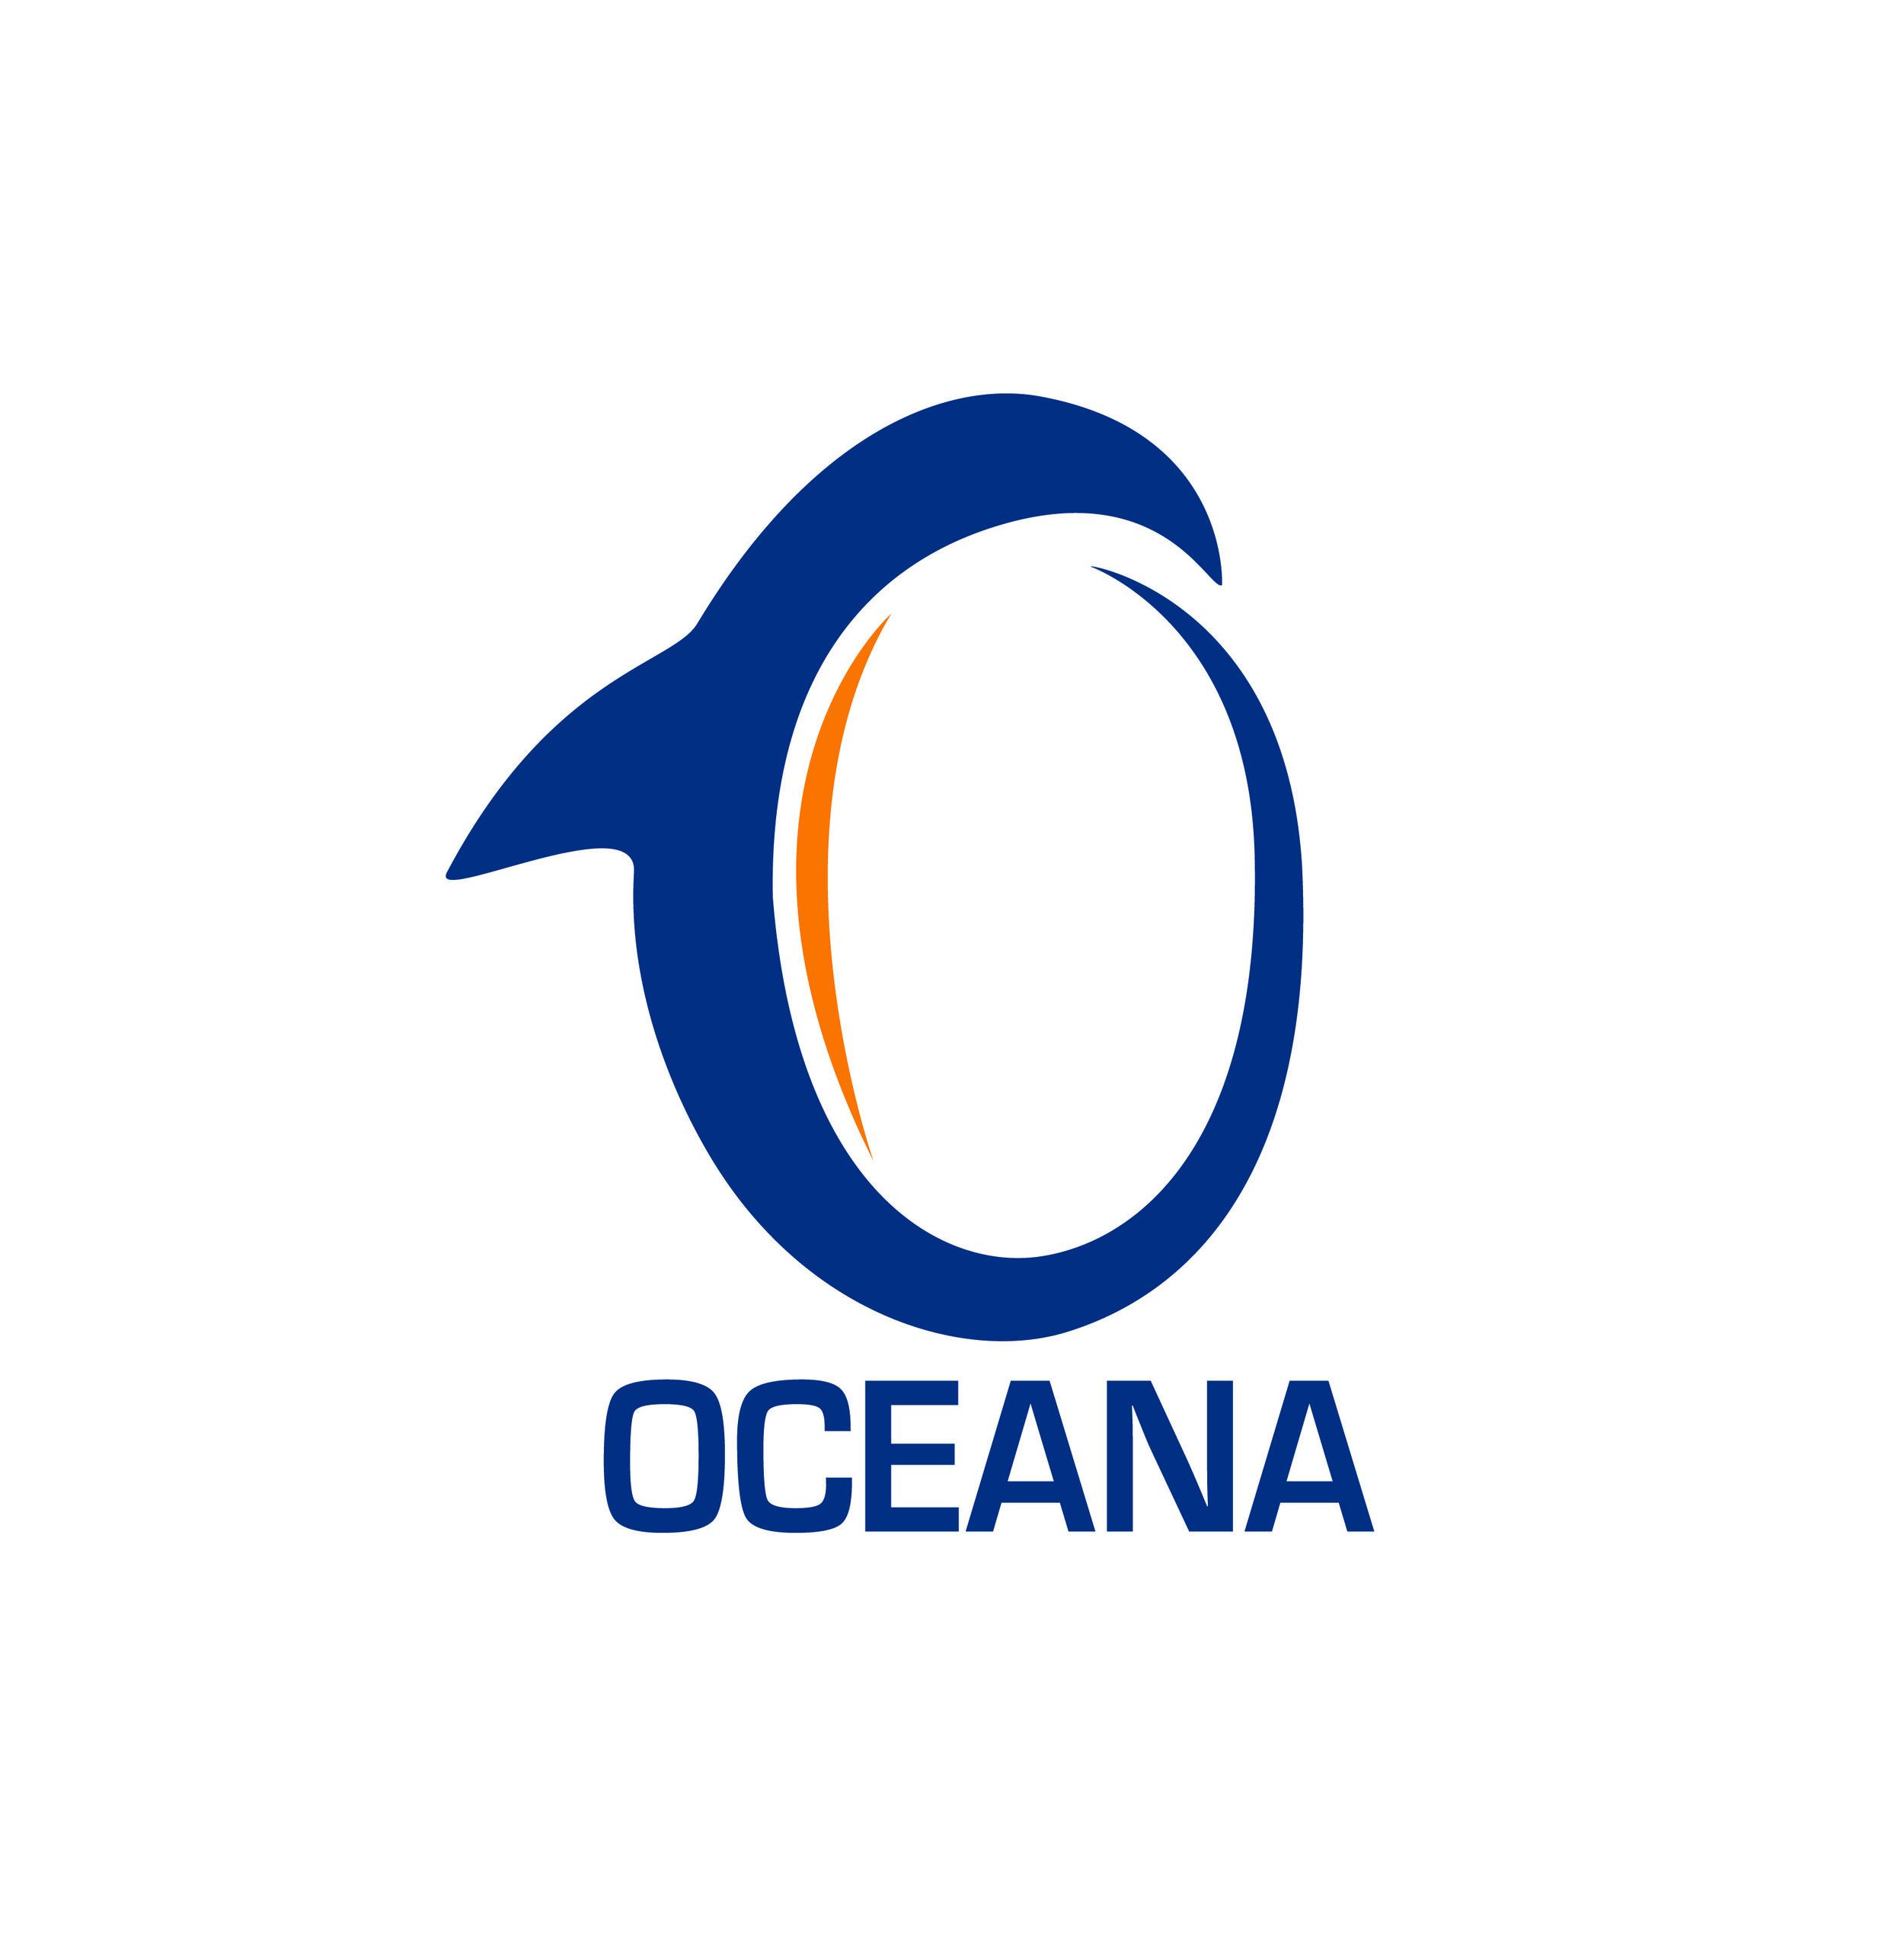 Logo redesign for Oceana